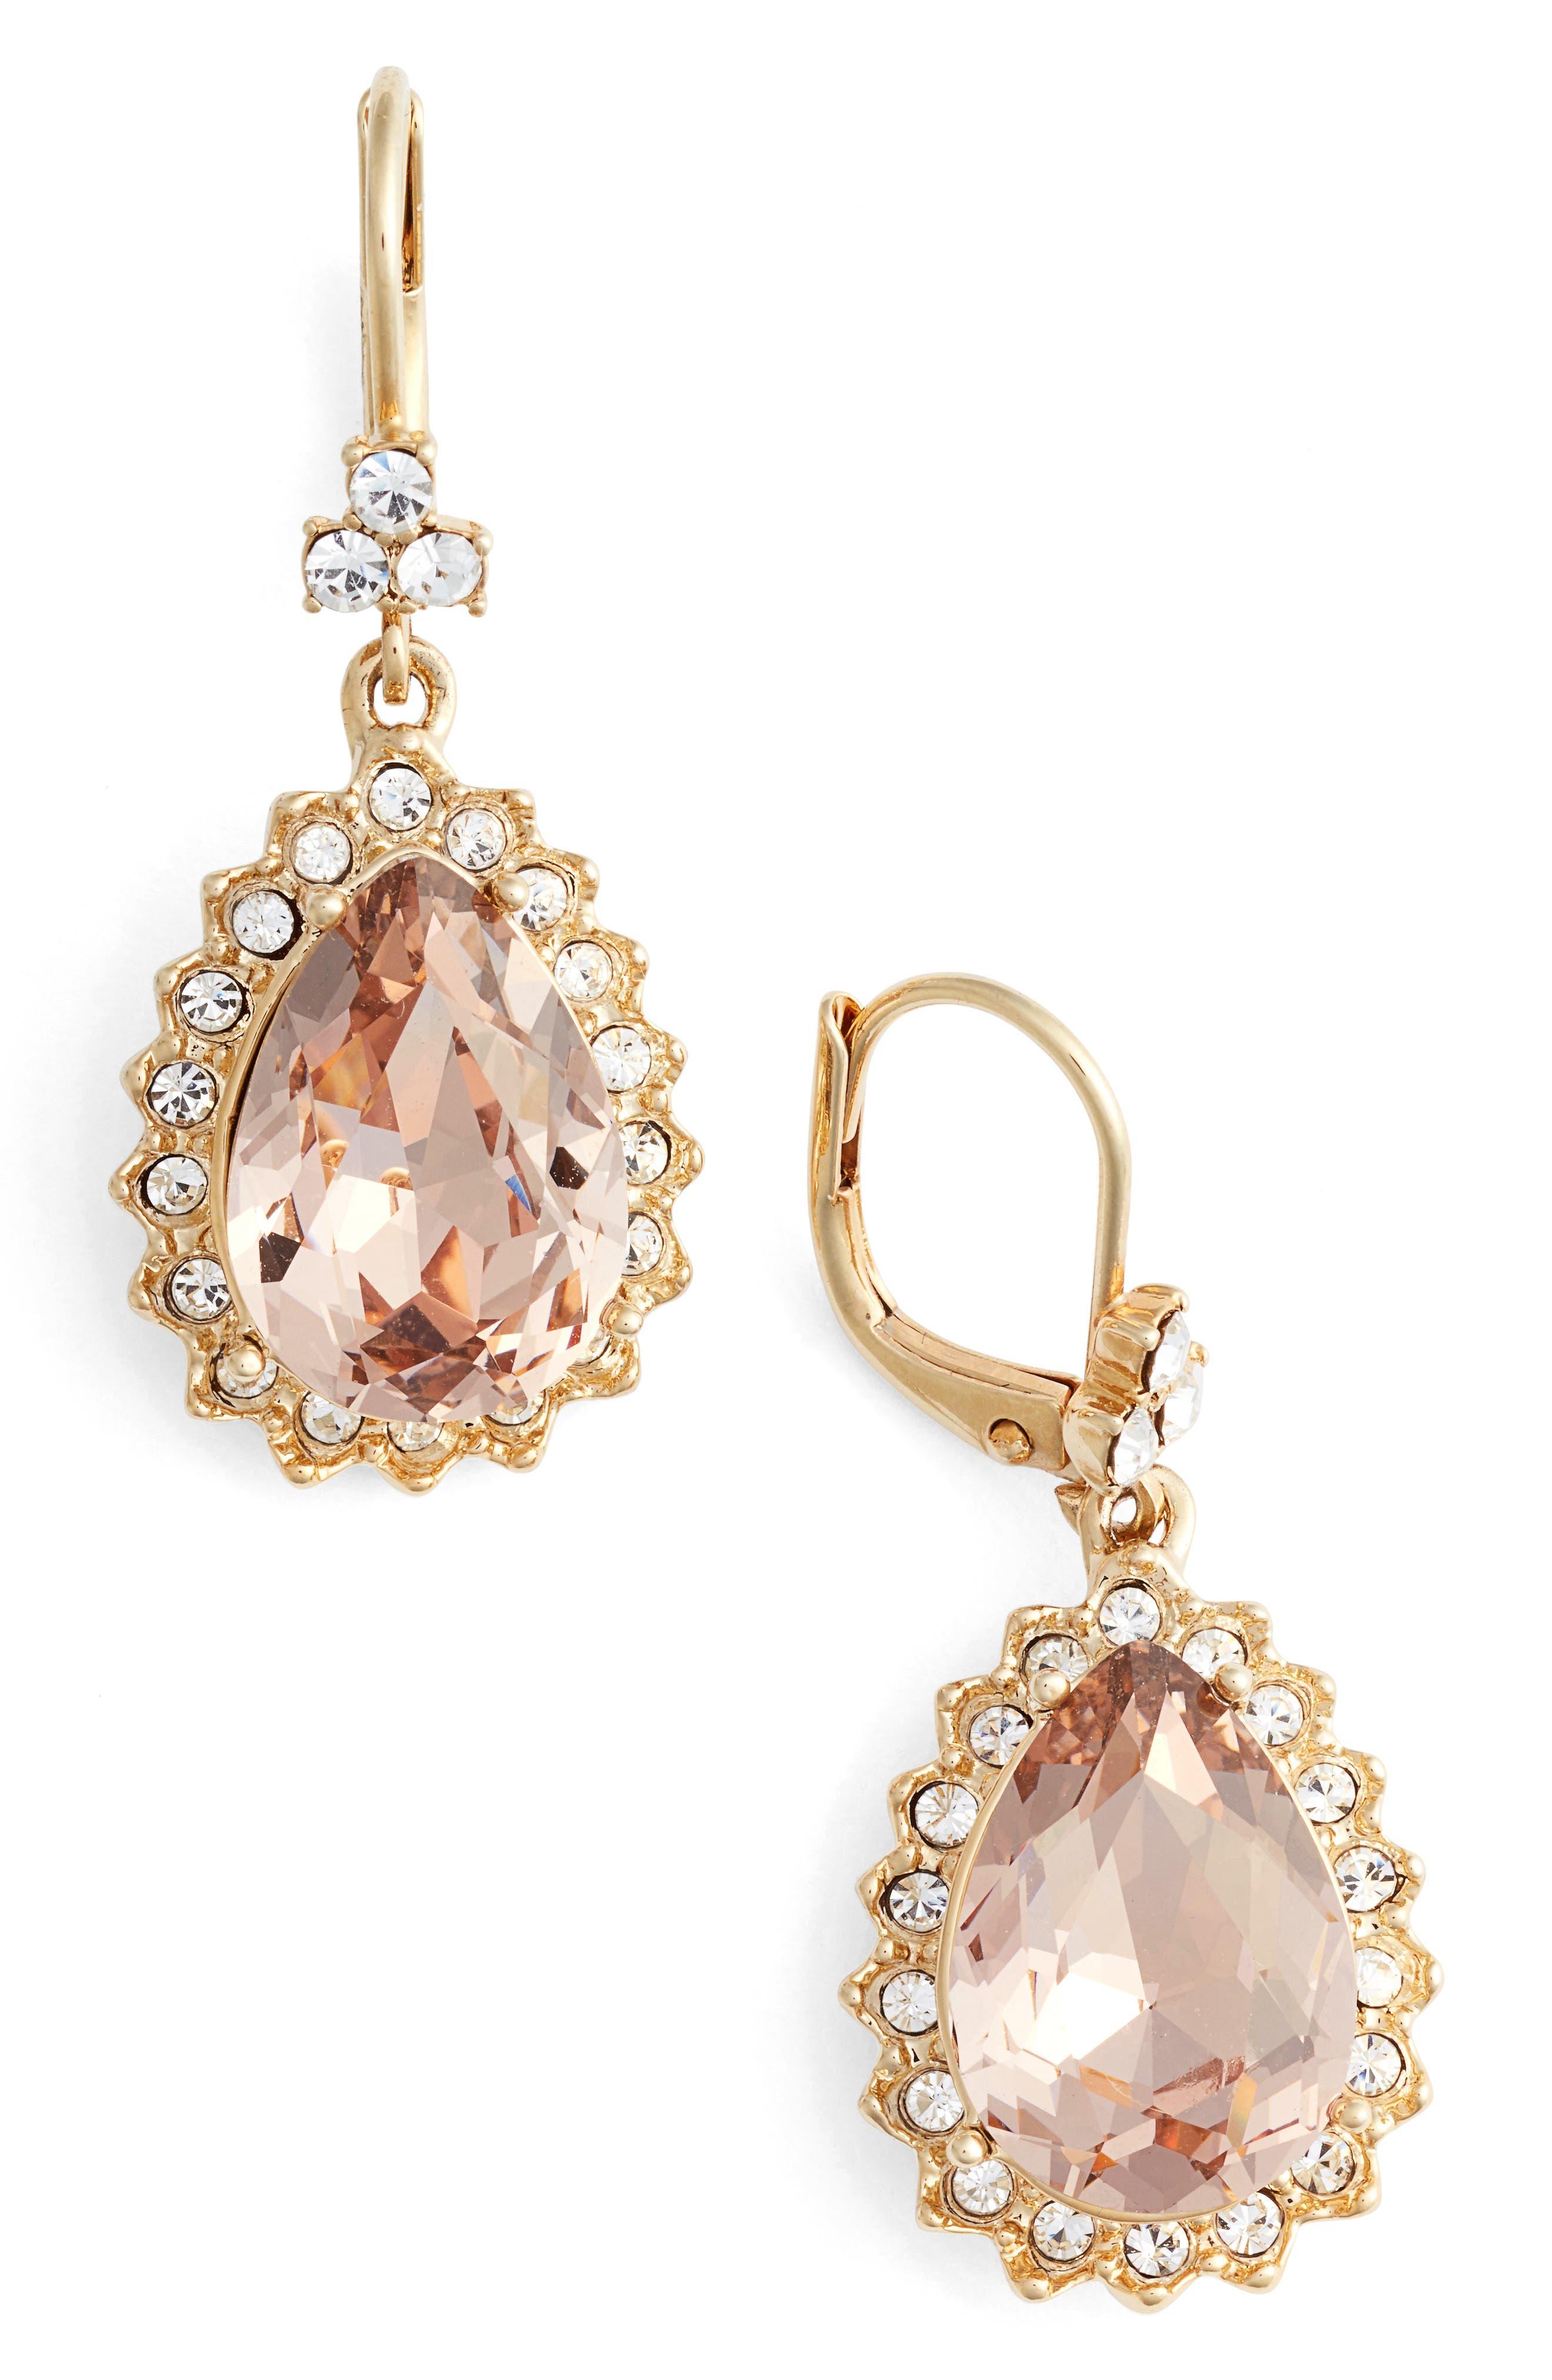 Main Image - Marchesa Sheer Bliss Pear Drop Earrings